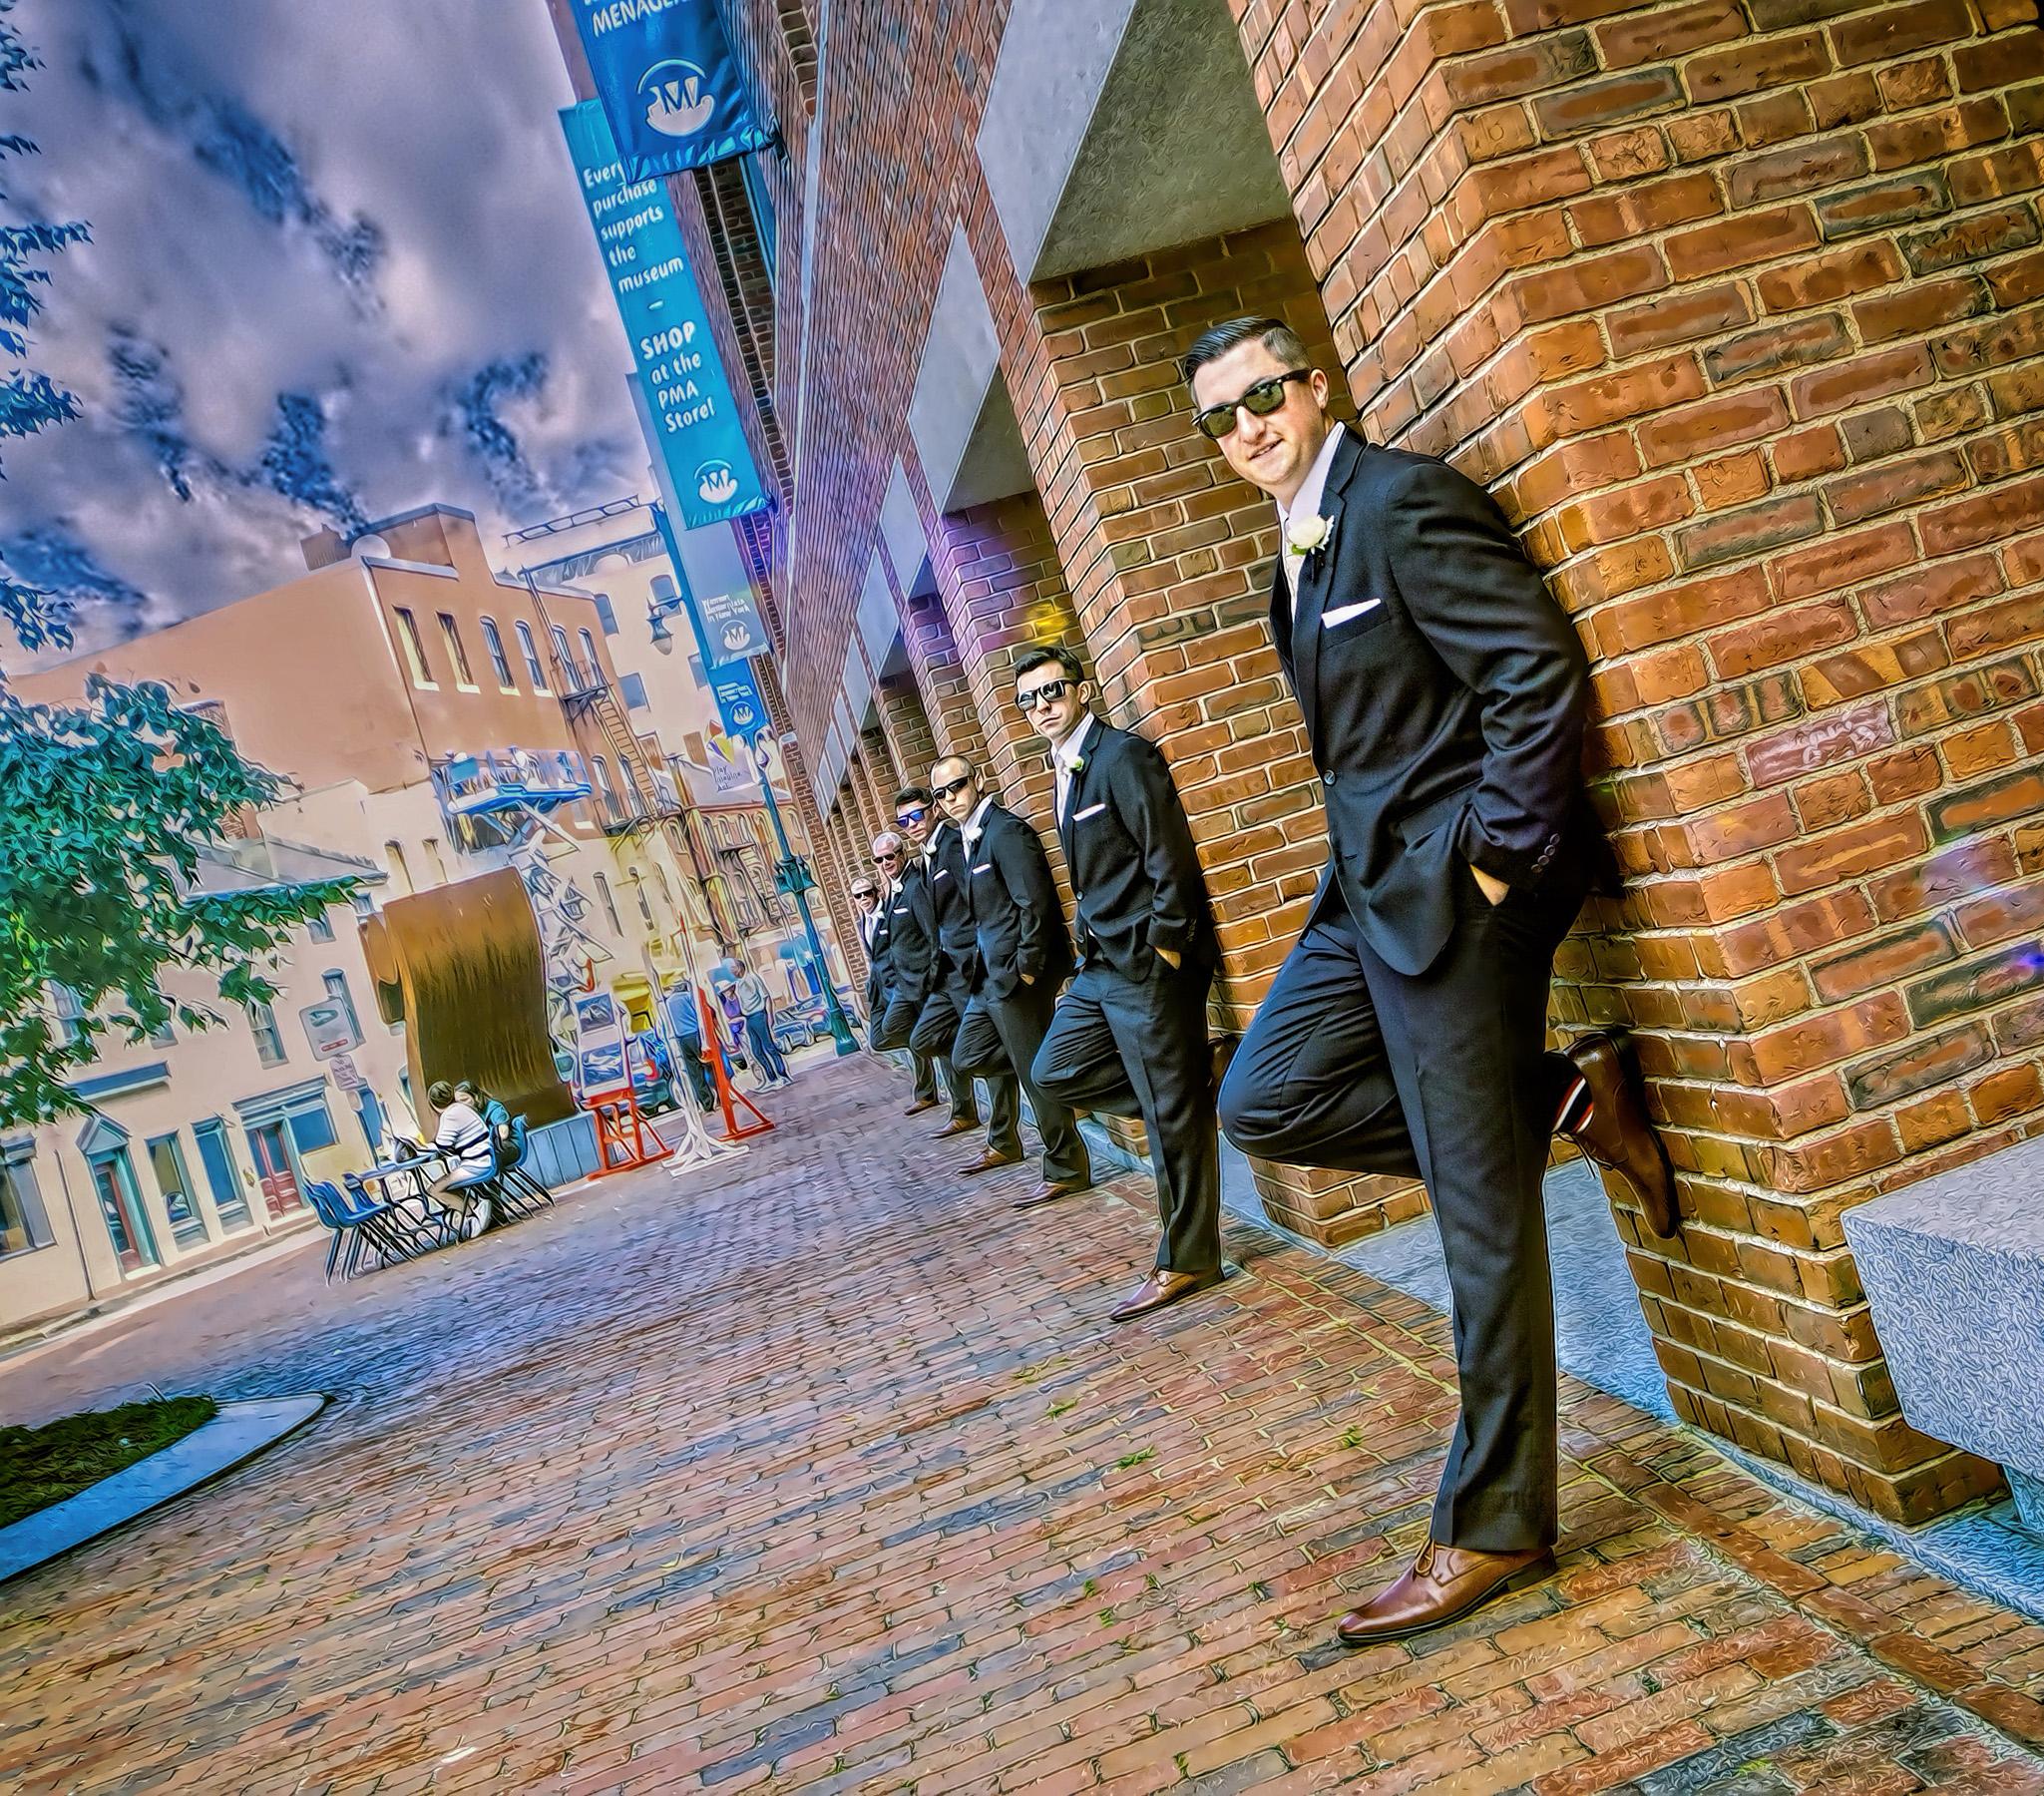 wedding pictures of groomsmen